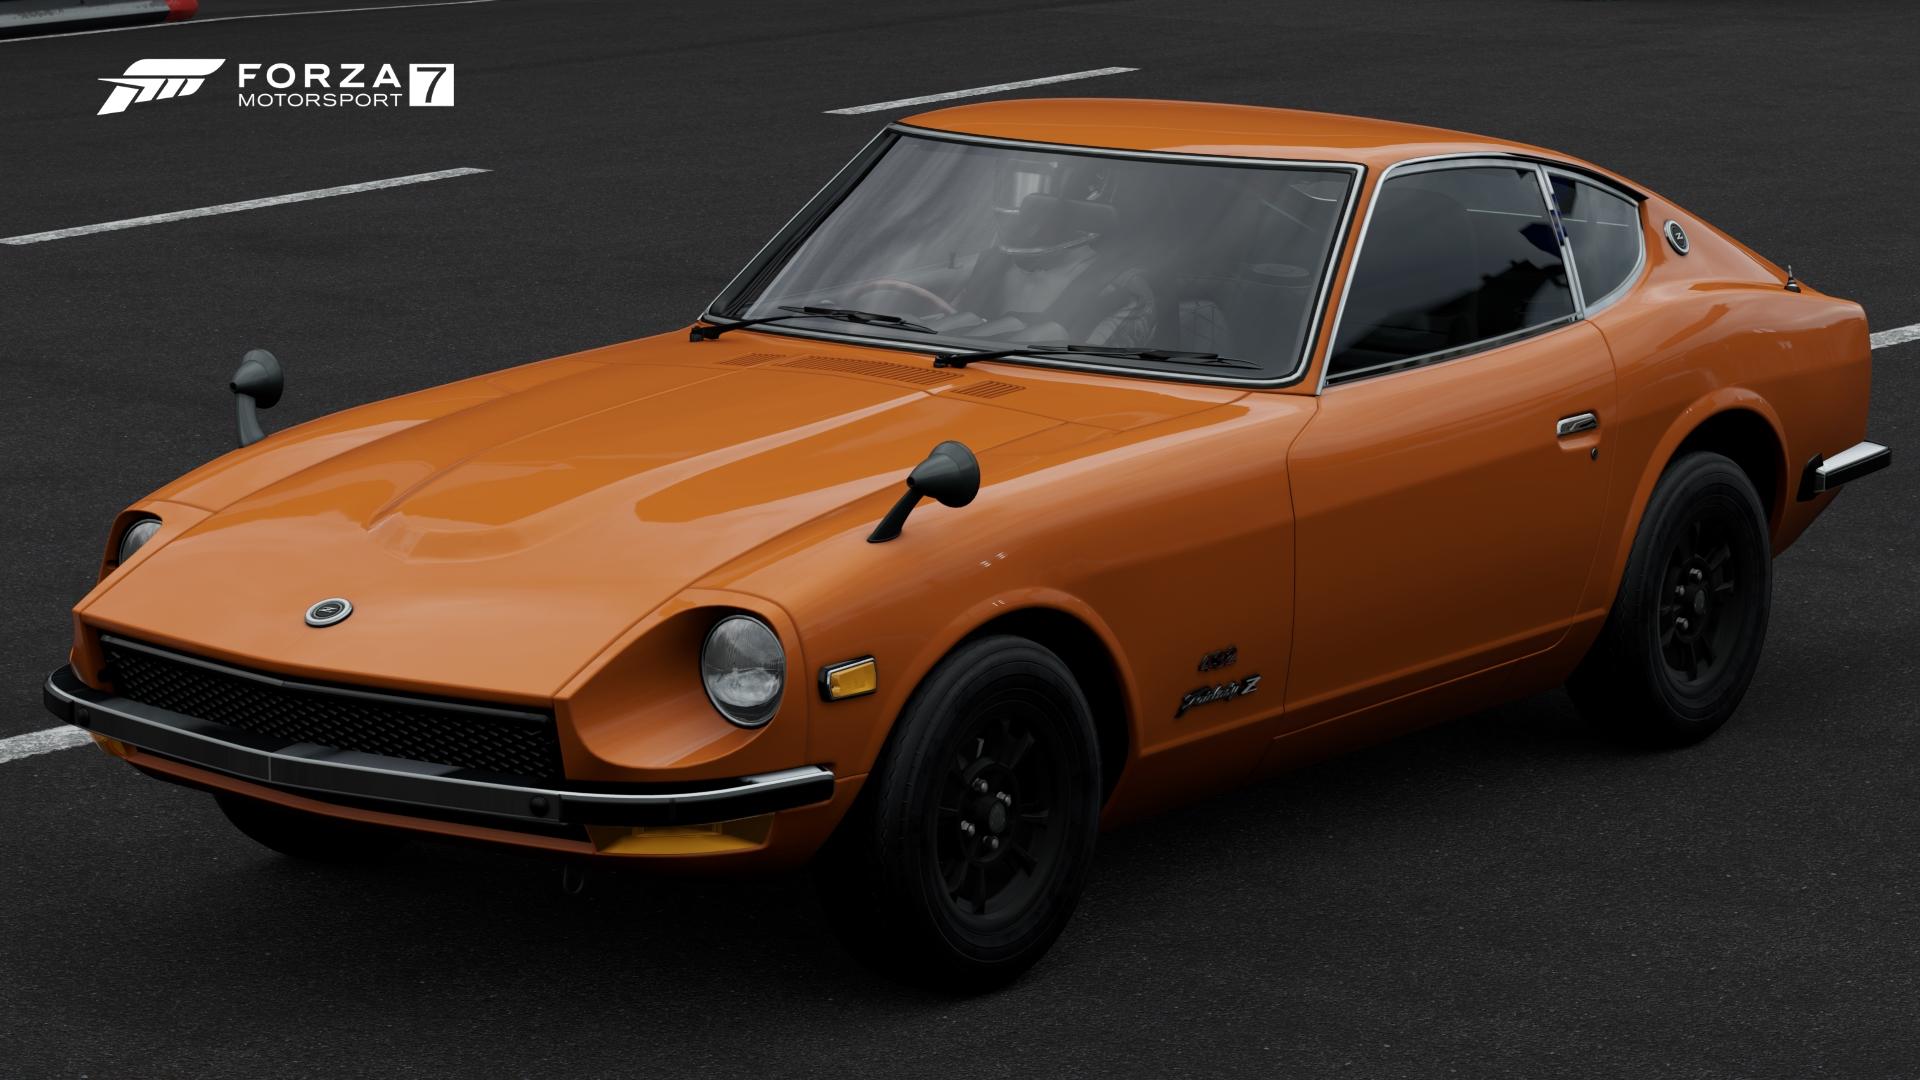 Nissan Fairlady Z >> Nissan Fairlady Z 432 Forza Motorsport Wiki Fandom Powered By Wikia